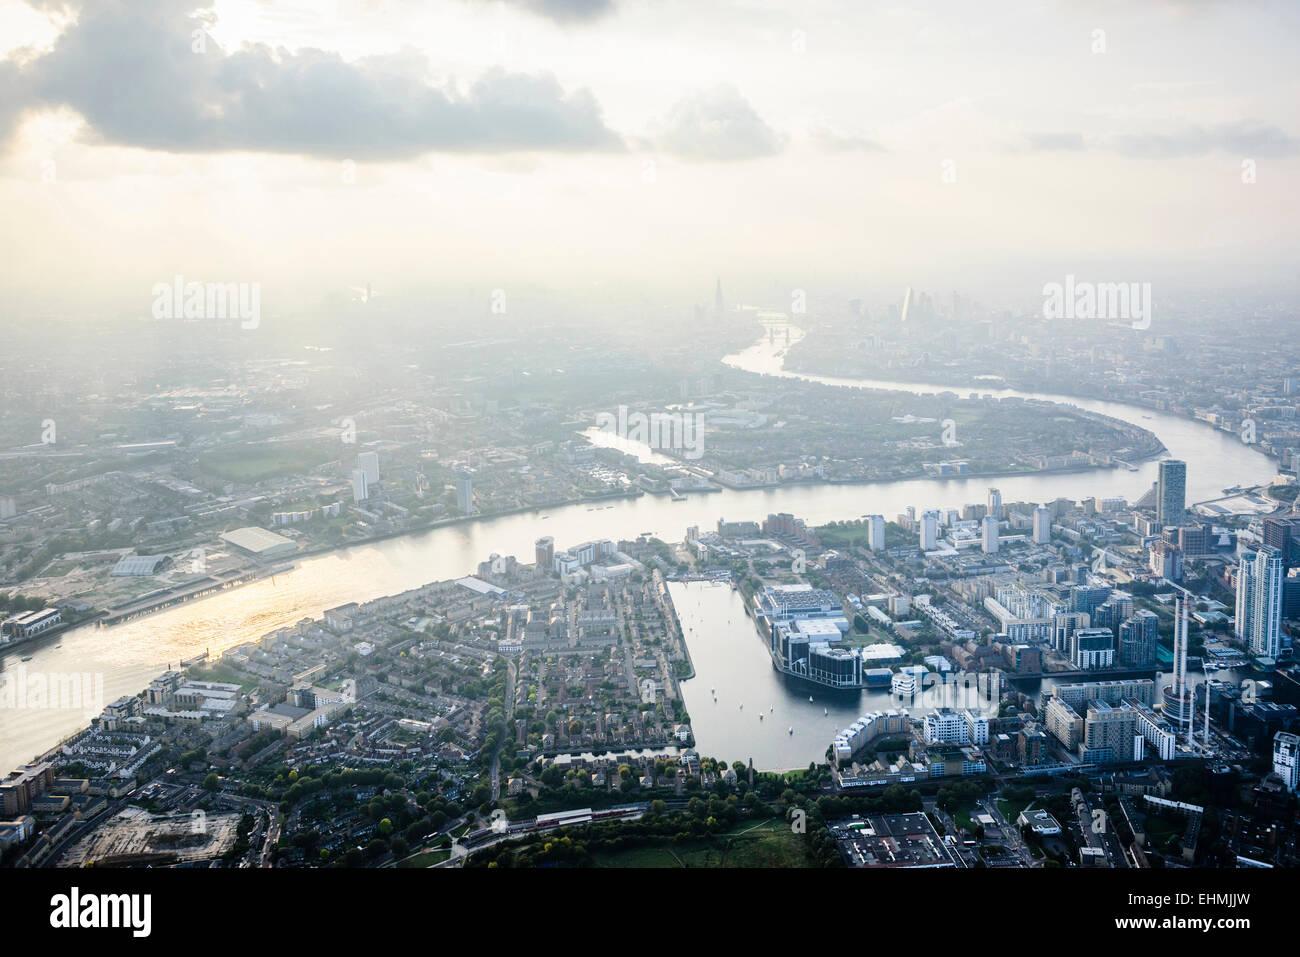 Vue aérienne de la ville de Londres et rivière, Angleterre Photo Stock